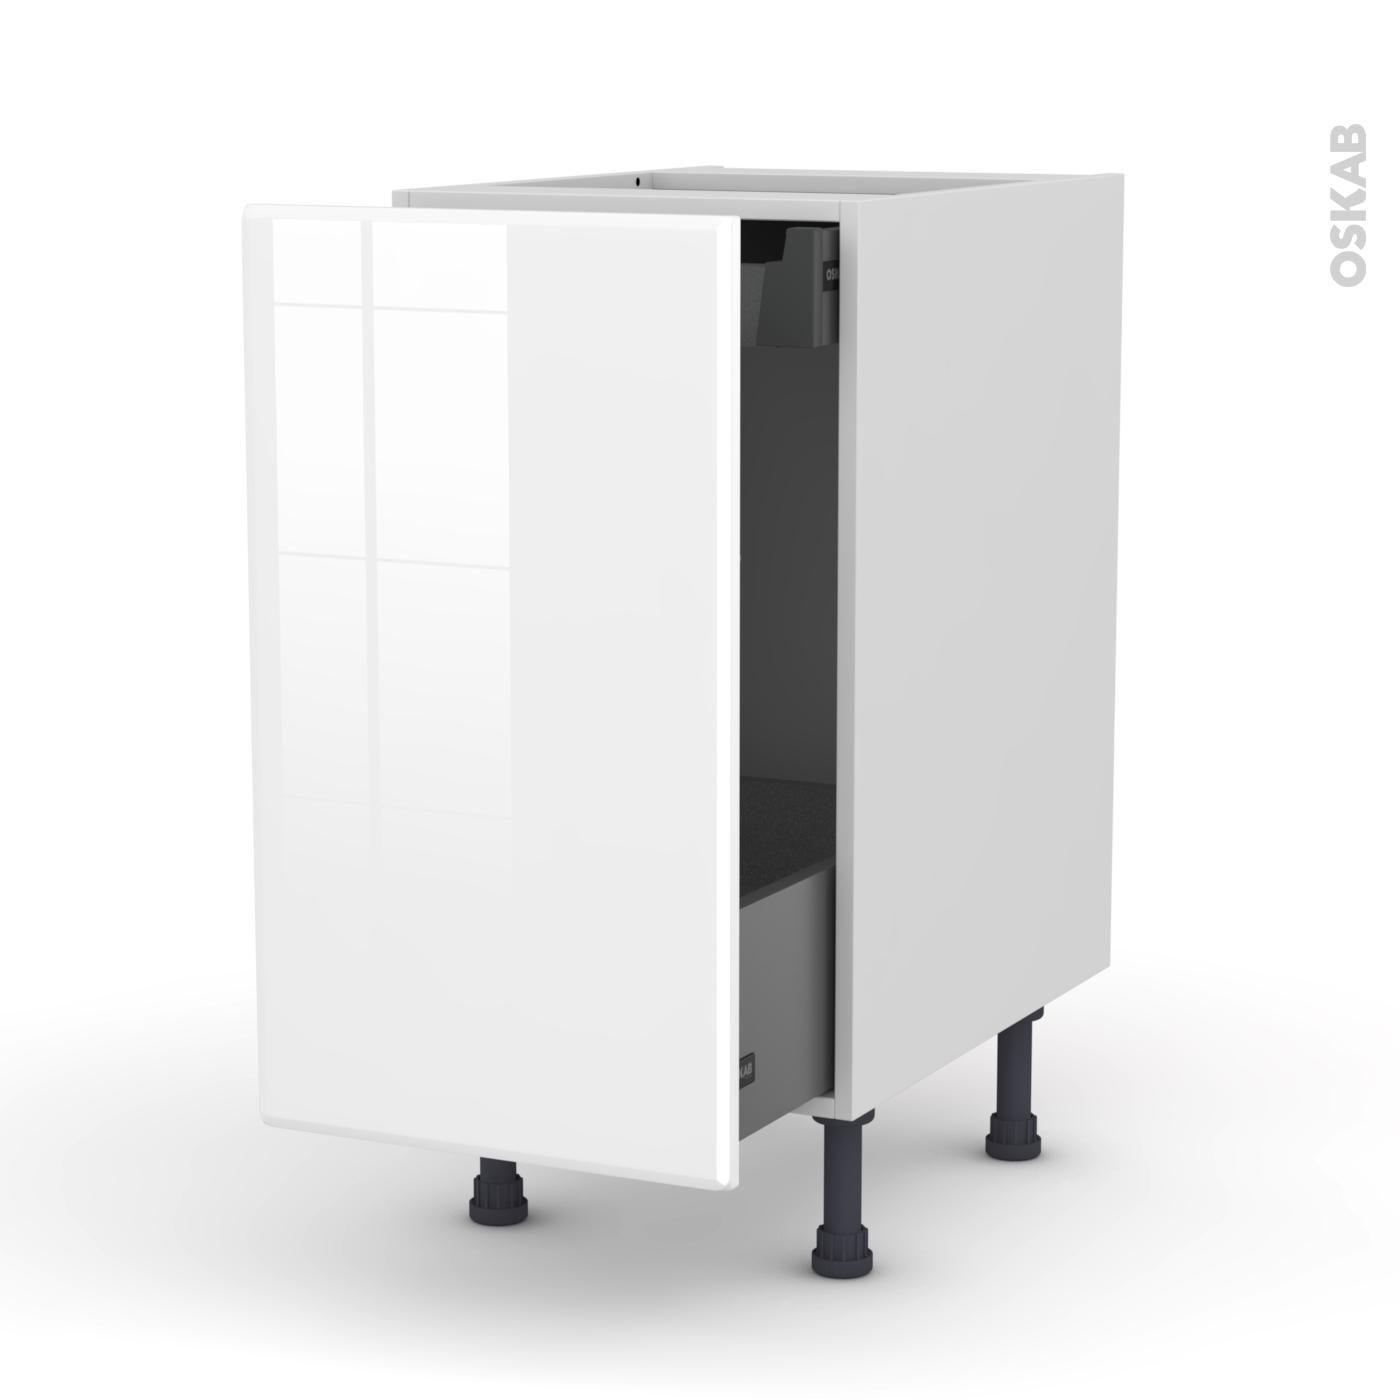 meuble de cuisine bas coulissant iris blanc 1 porte 1 tiroir a l anglaise l40 x h70 x p58 cm